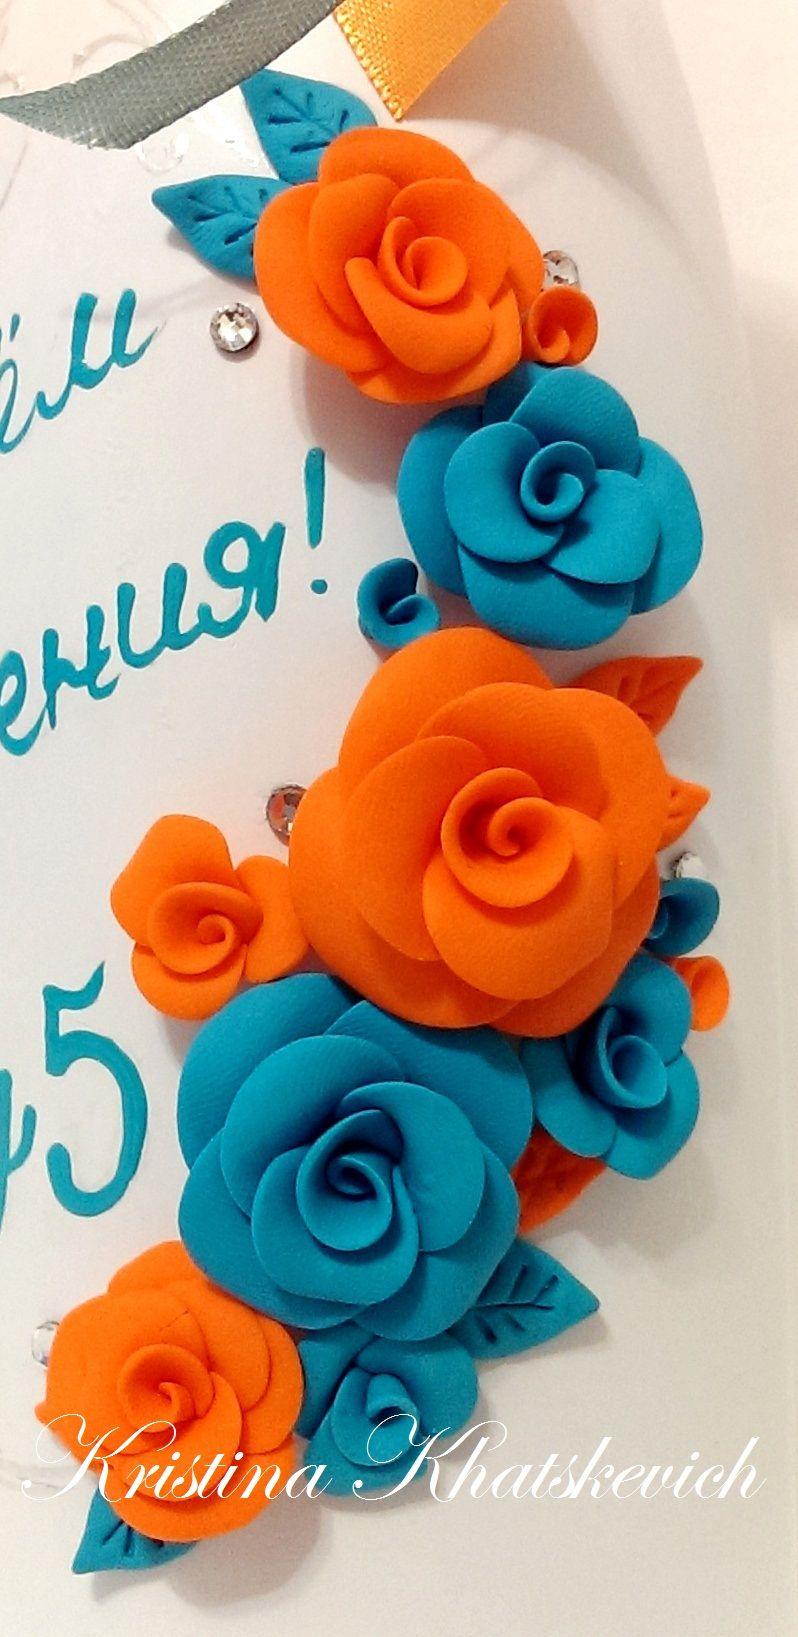 """Декор шампанского """"В лазурно-мандариновом цвете"""" - фото 2257464 Кристина Хацкевич - свадебный декоратор"""